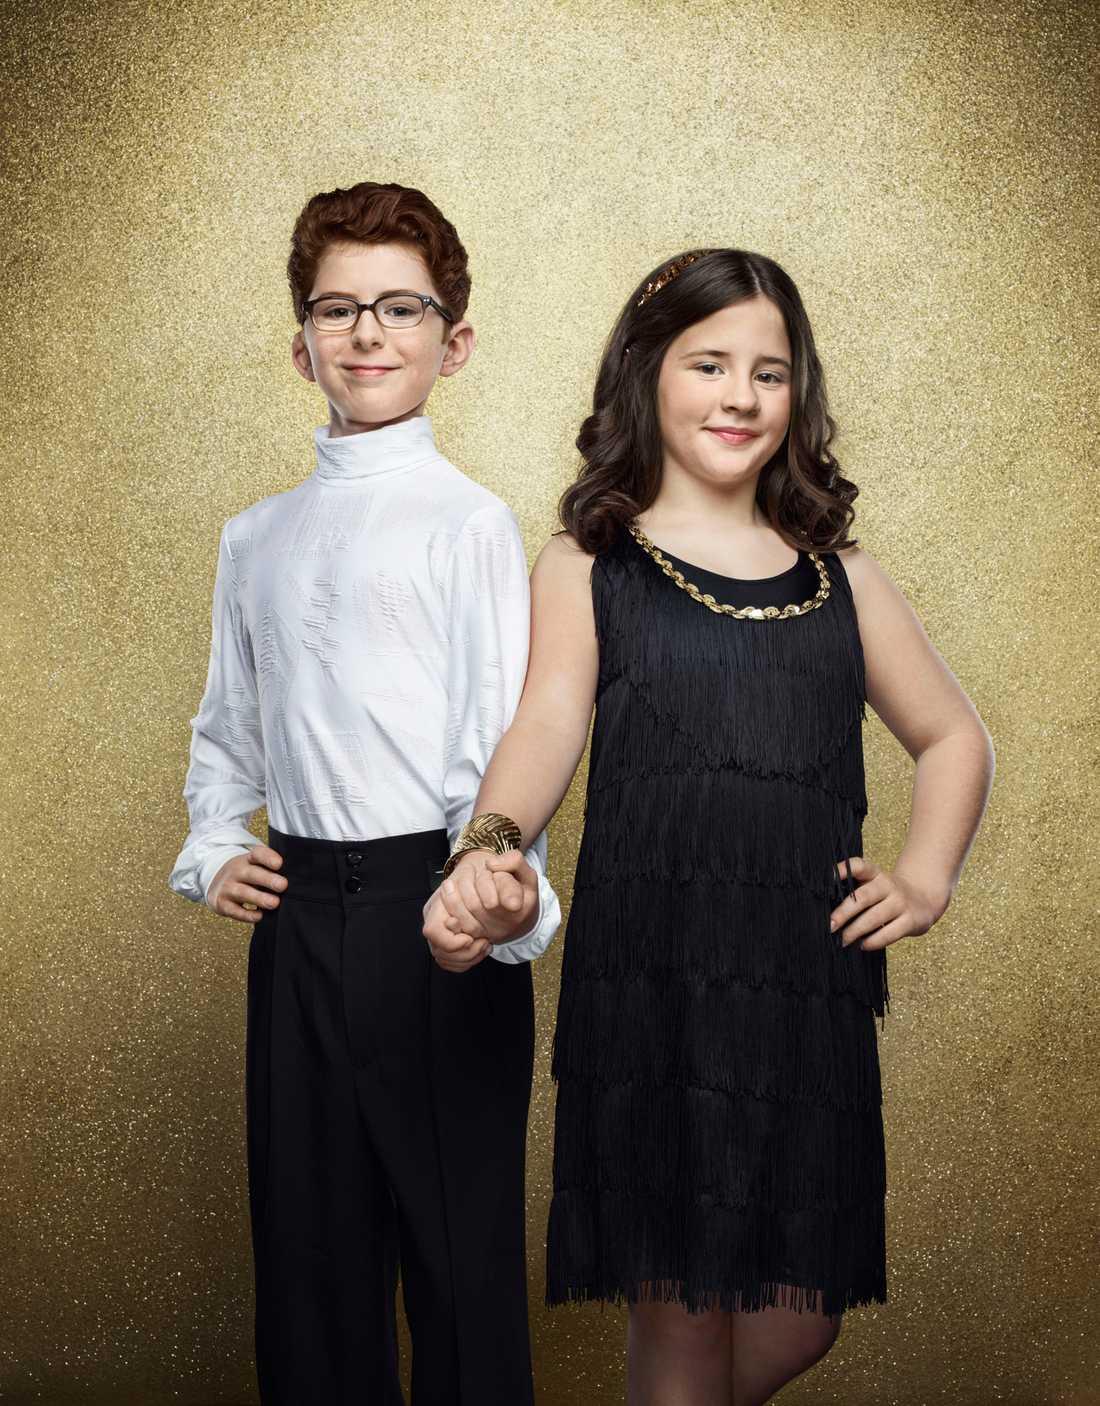 Adam Gutniak, 12 år. Spelar Pär Hammar i Tzatsiki-filmerna och dansar med Liya Norrby.